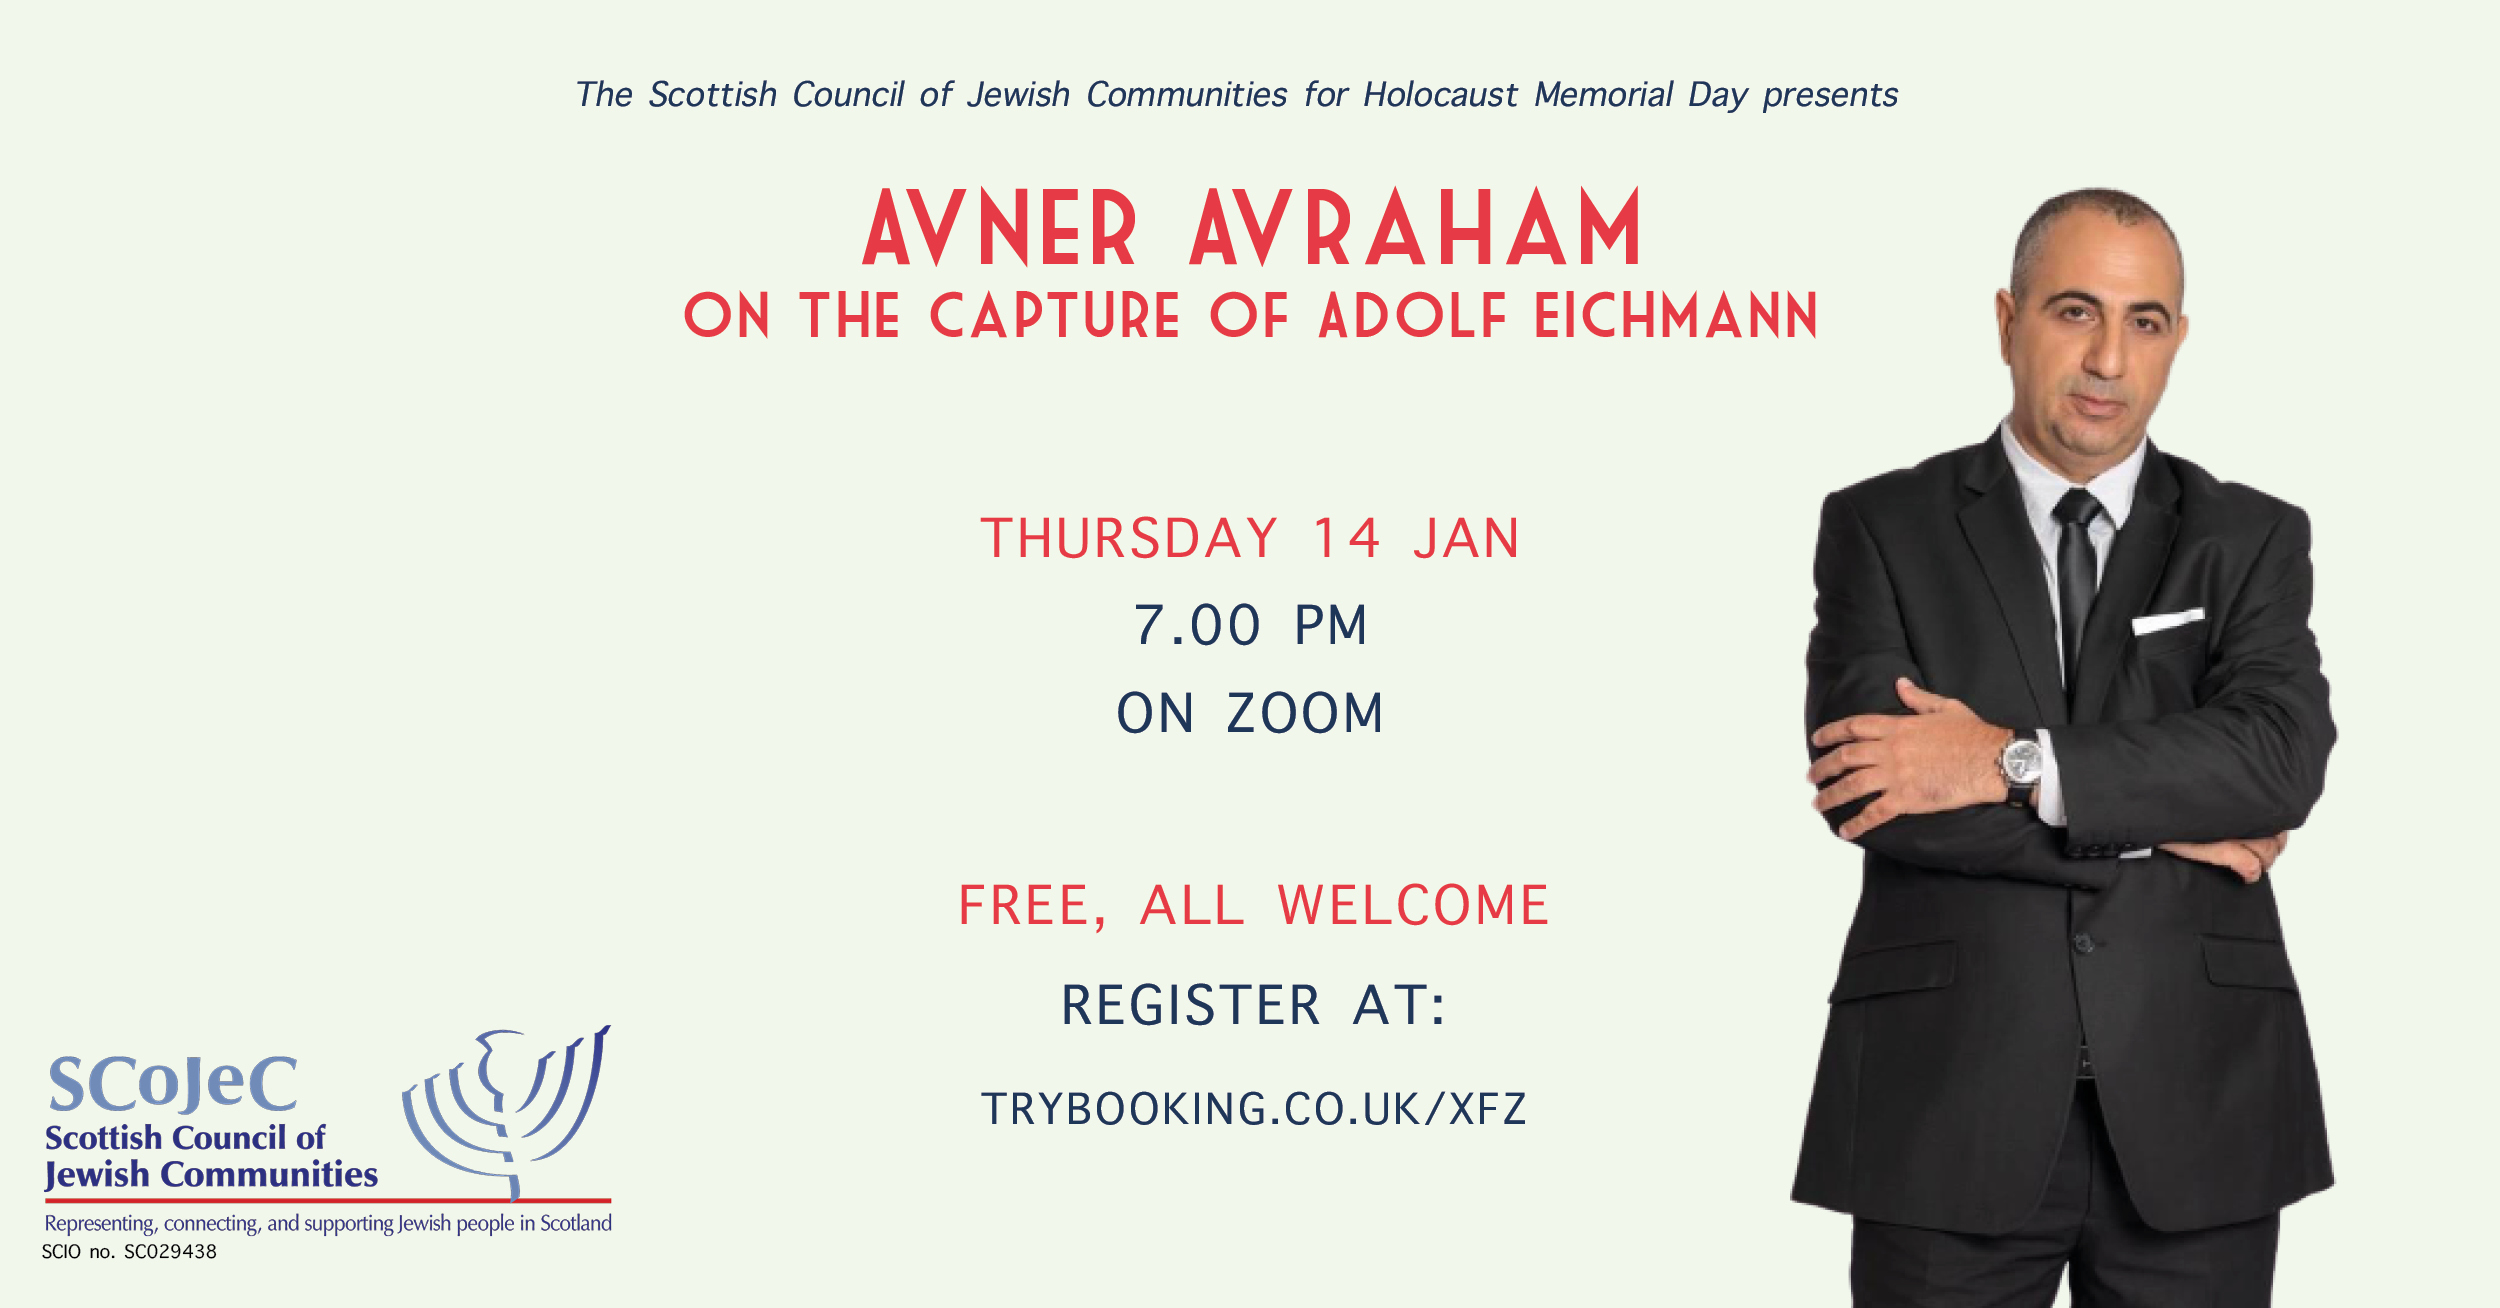 Avner Avraham on the Capture of Adolf Eichmann